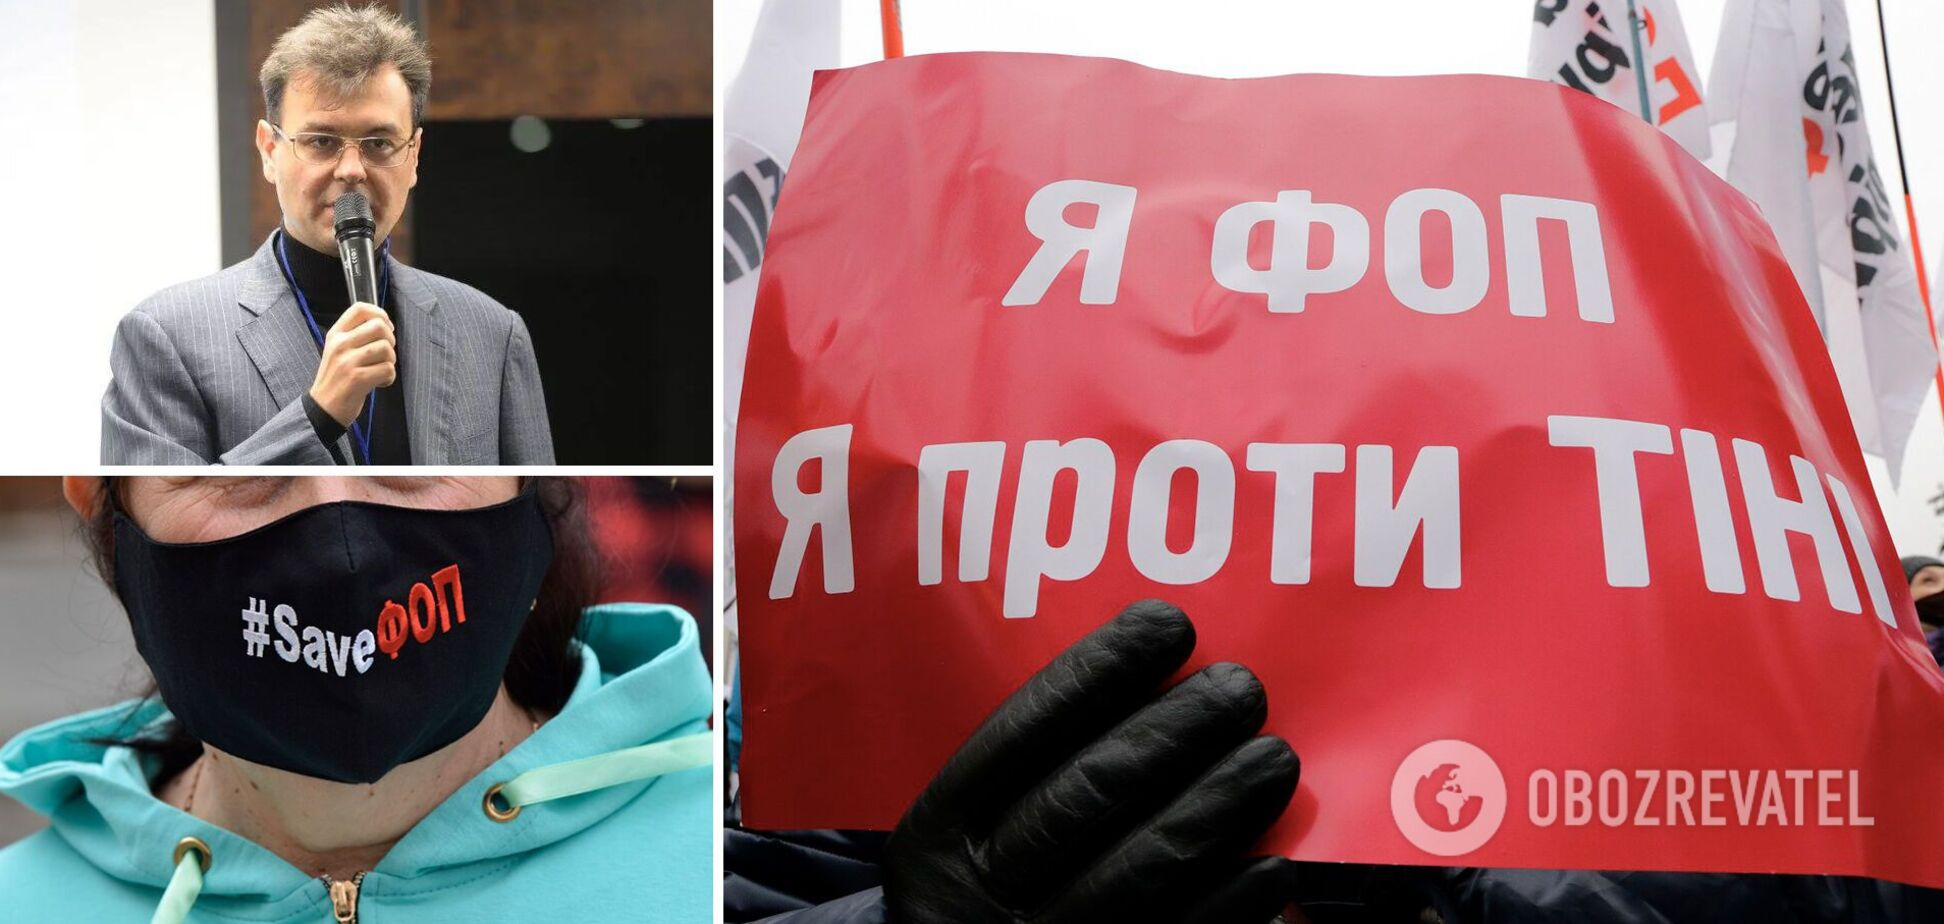 Гетманцев о новых правилах для 'ФОПов': украинцы теряют миллиарды, а приоритеты диктует базар. Интервью